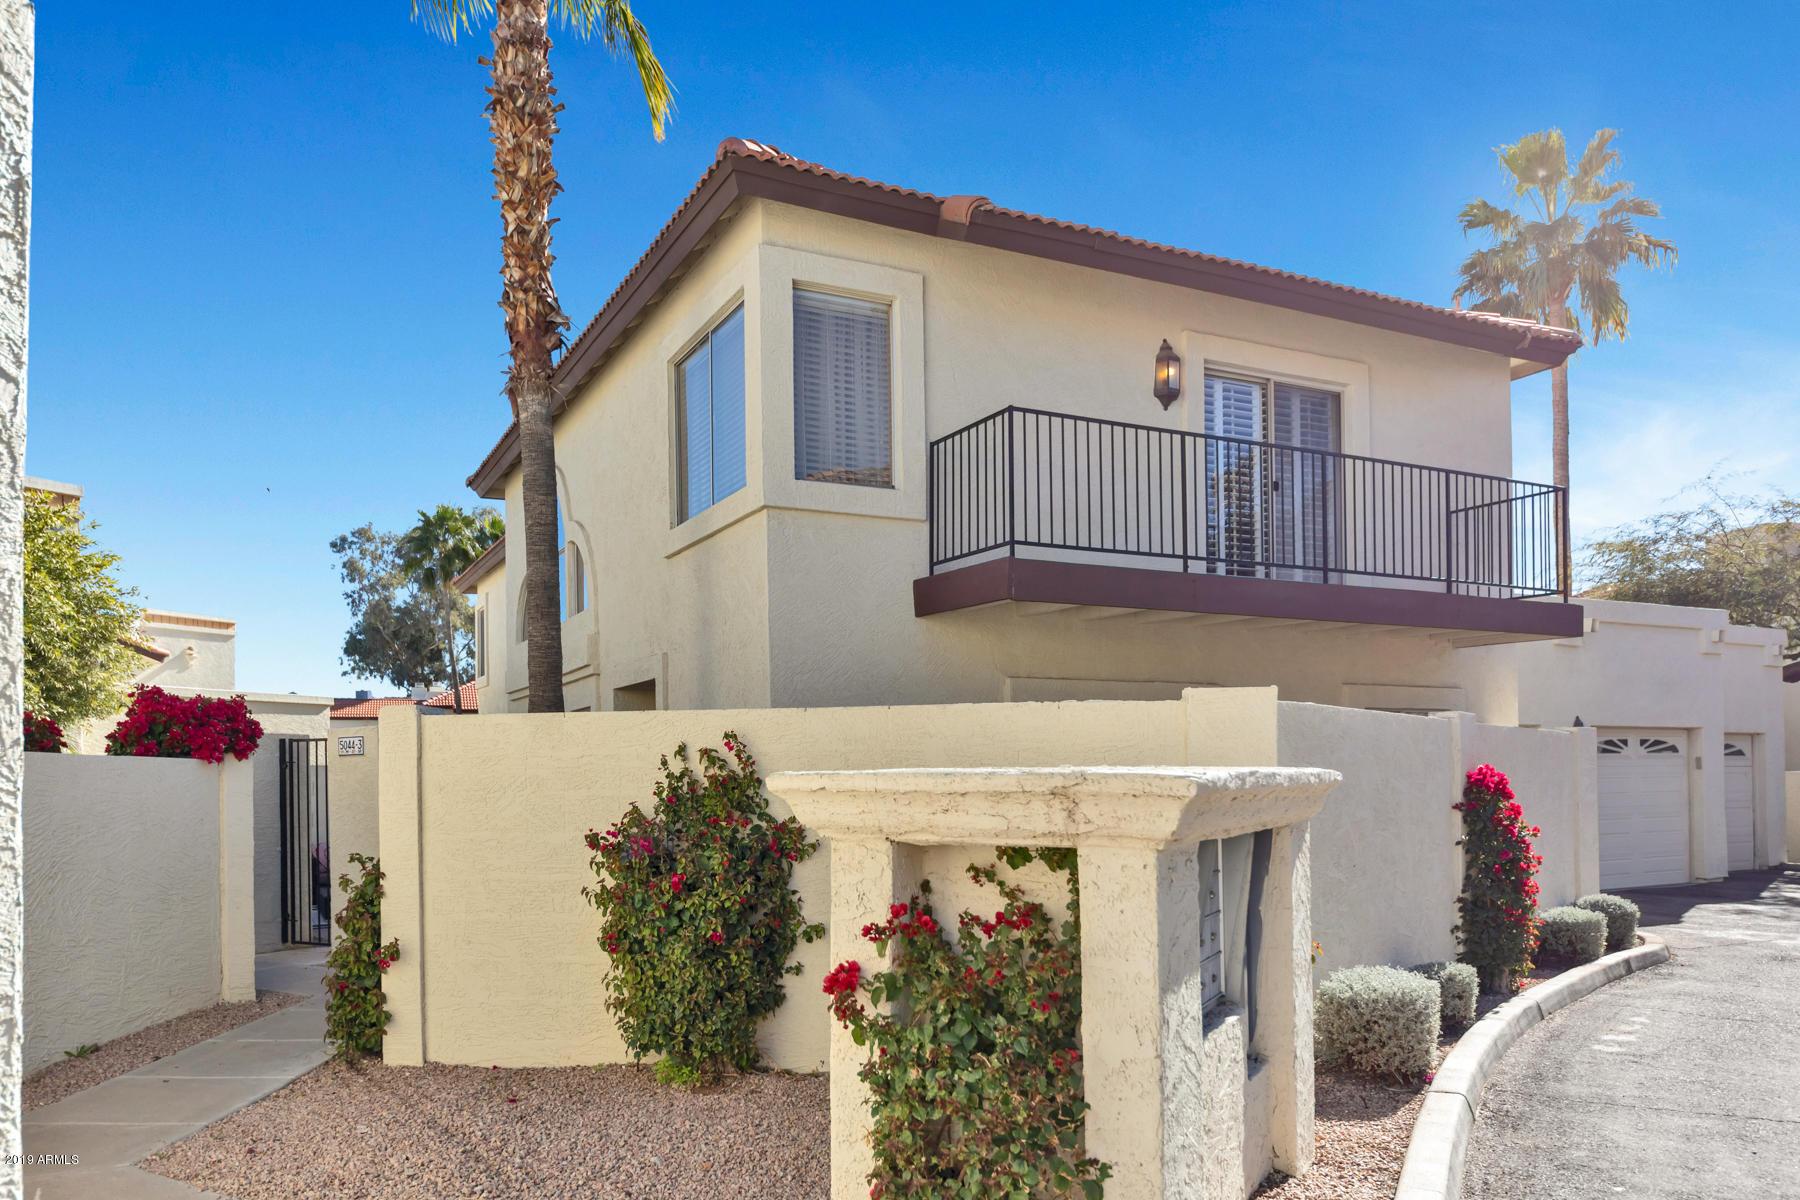 Photo of 5044 E Siesta Drive #3, Phoenix, AZ 85044